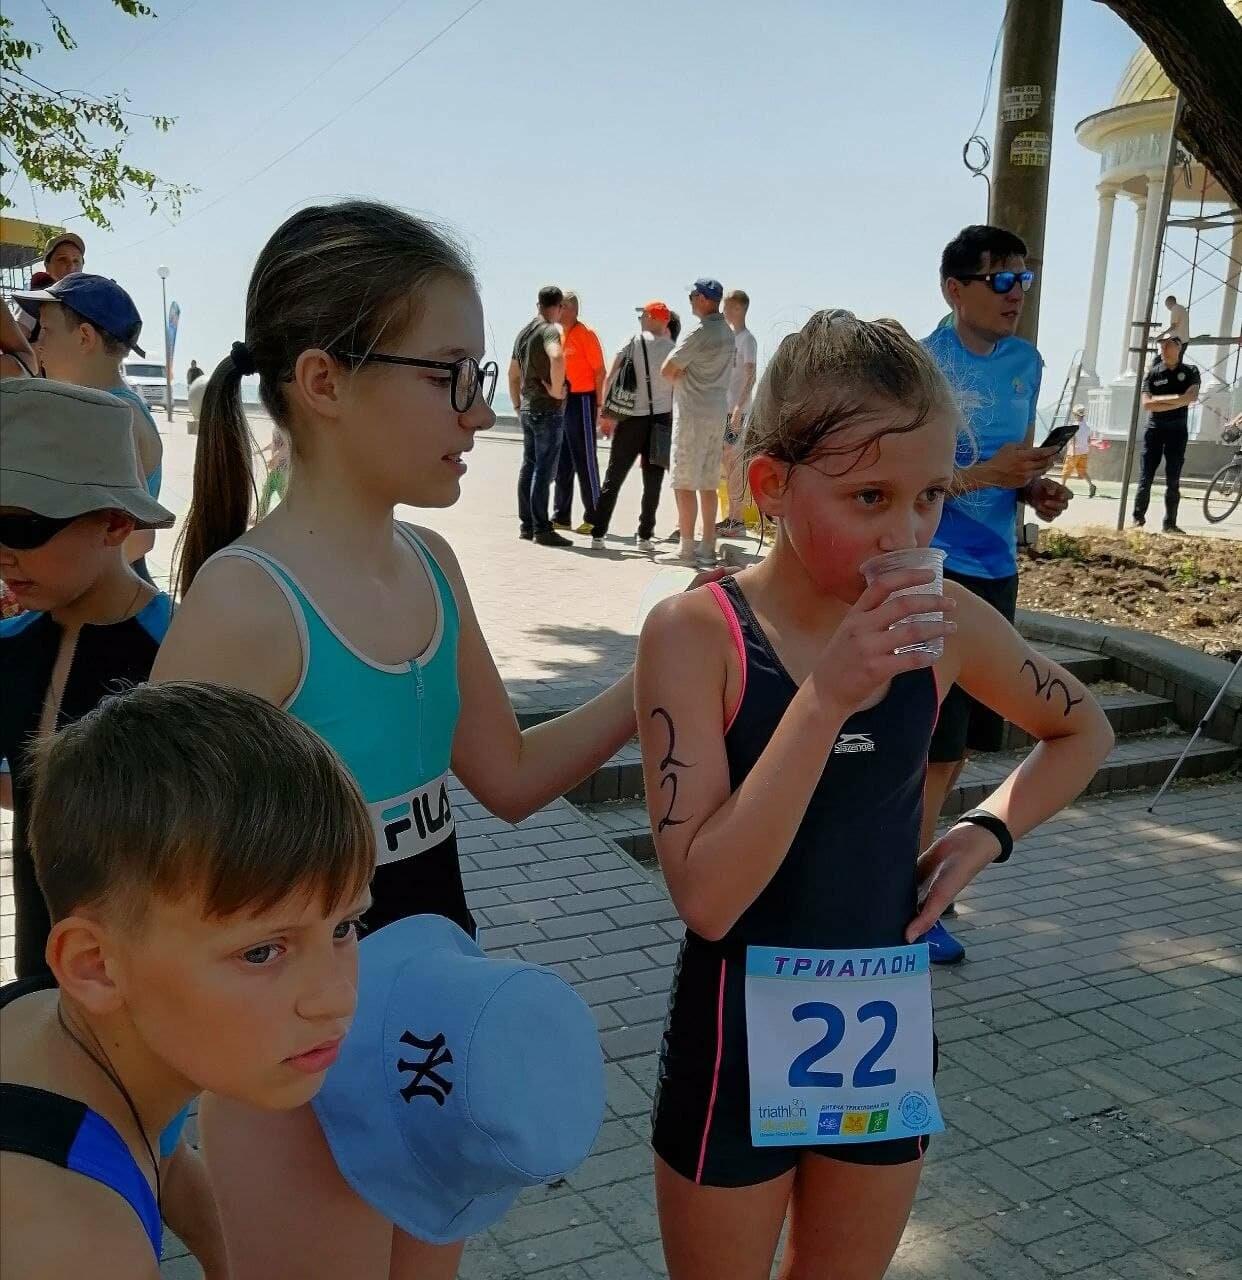 На Приморской площади Бердянска развернулись «триатлонные страсти» (ФОТО), фото-6